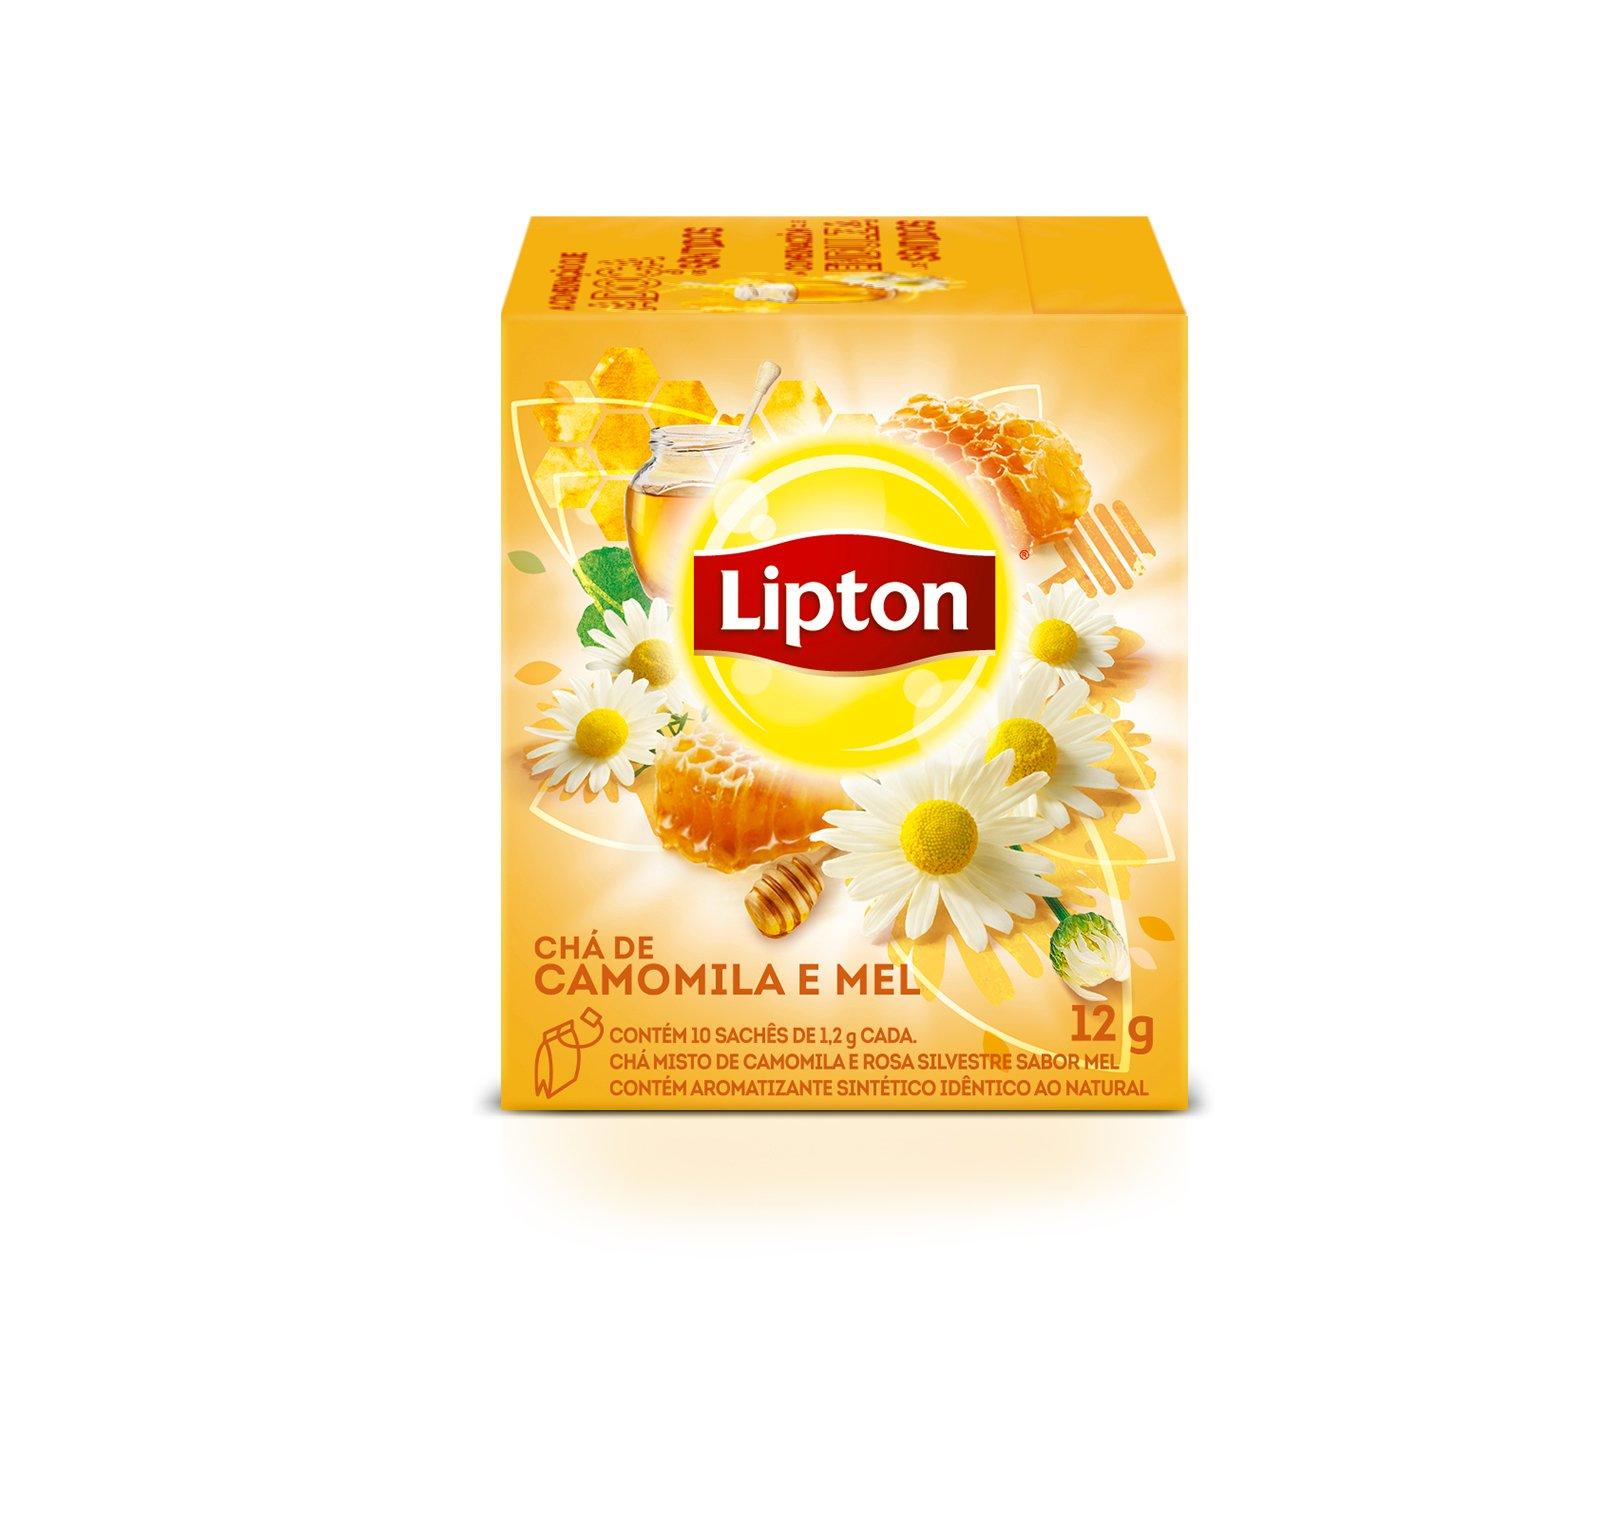 Chá Lipton - Camomila e Mel -